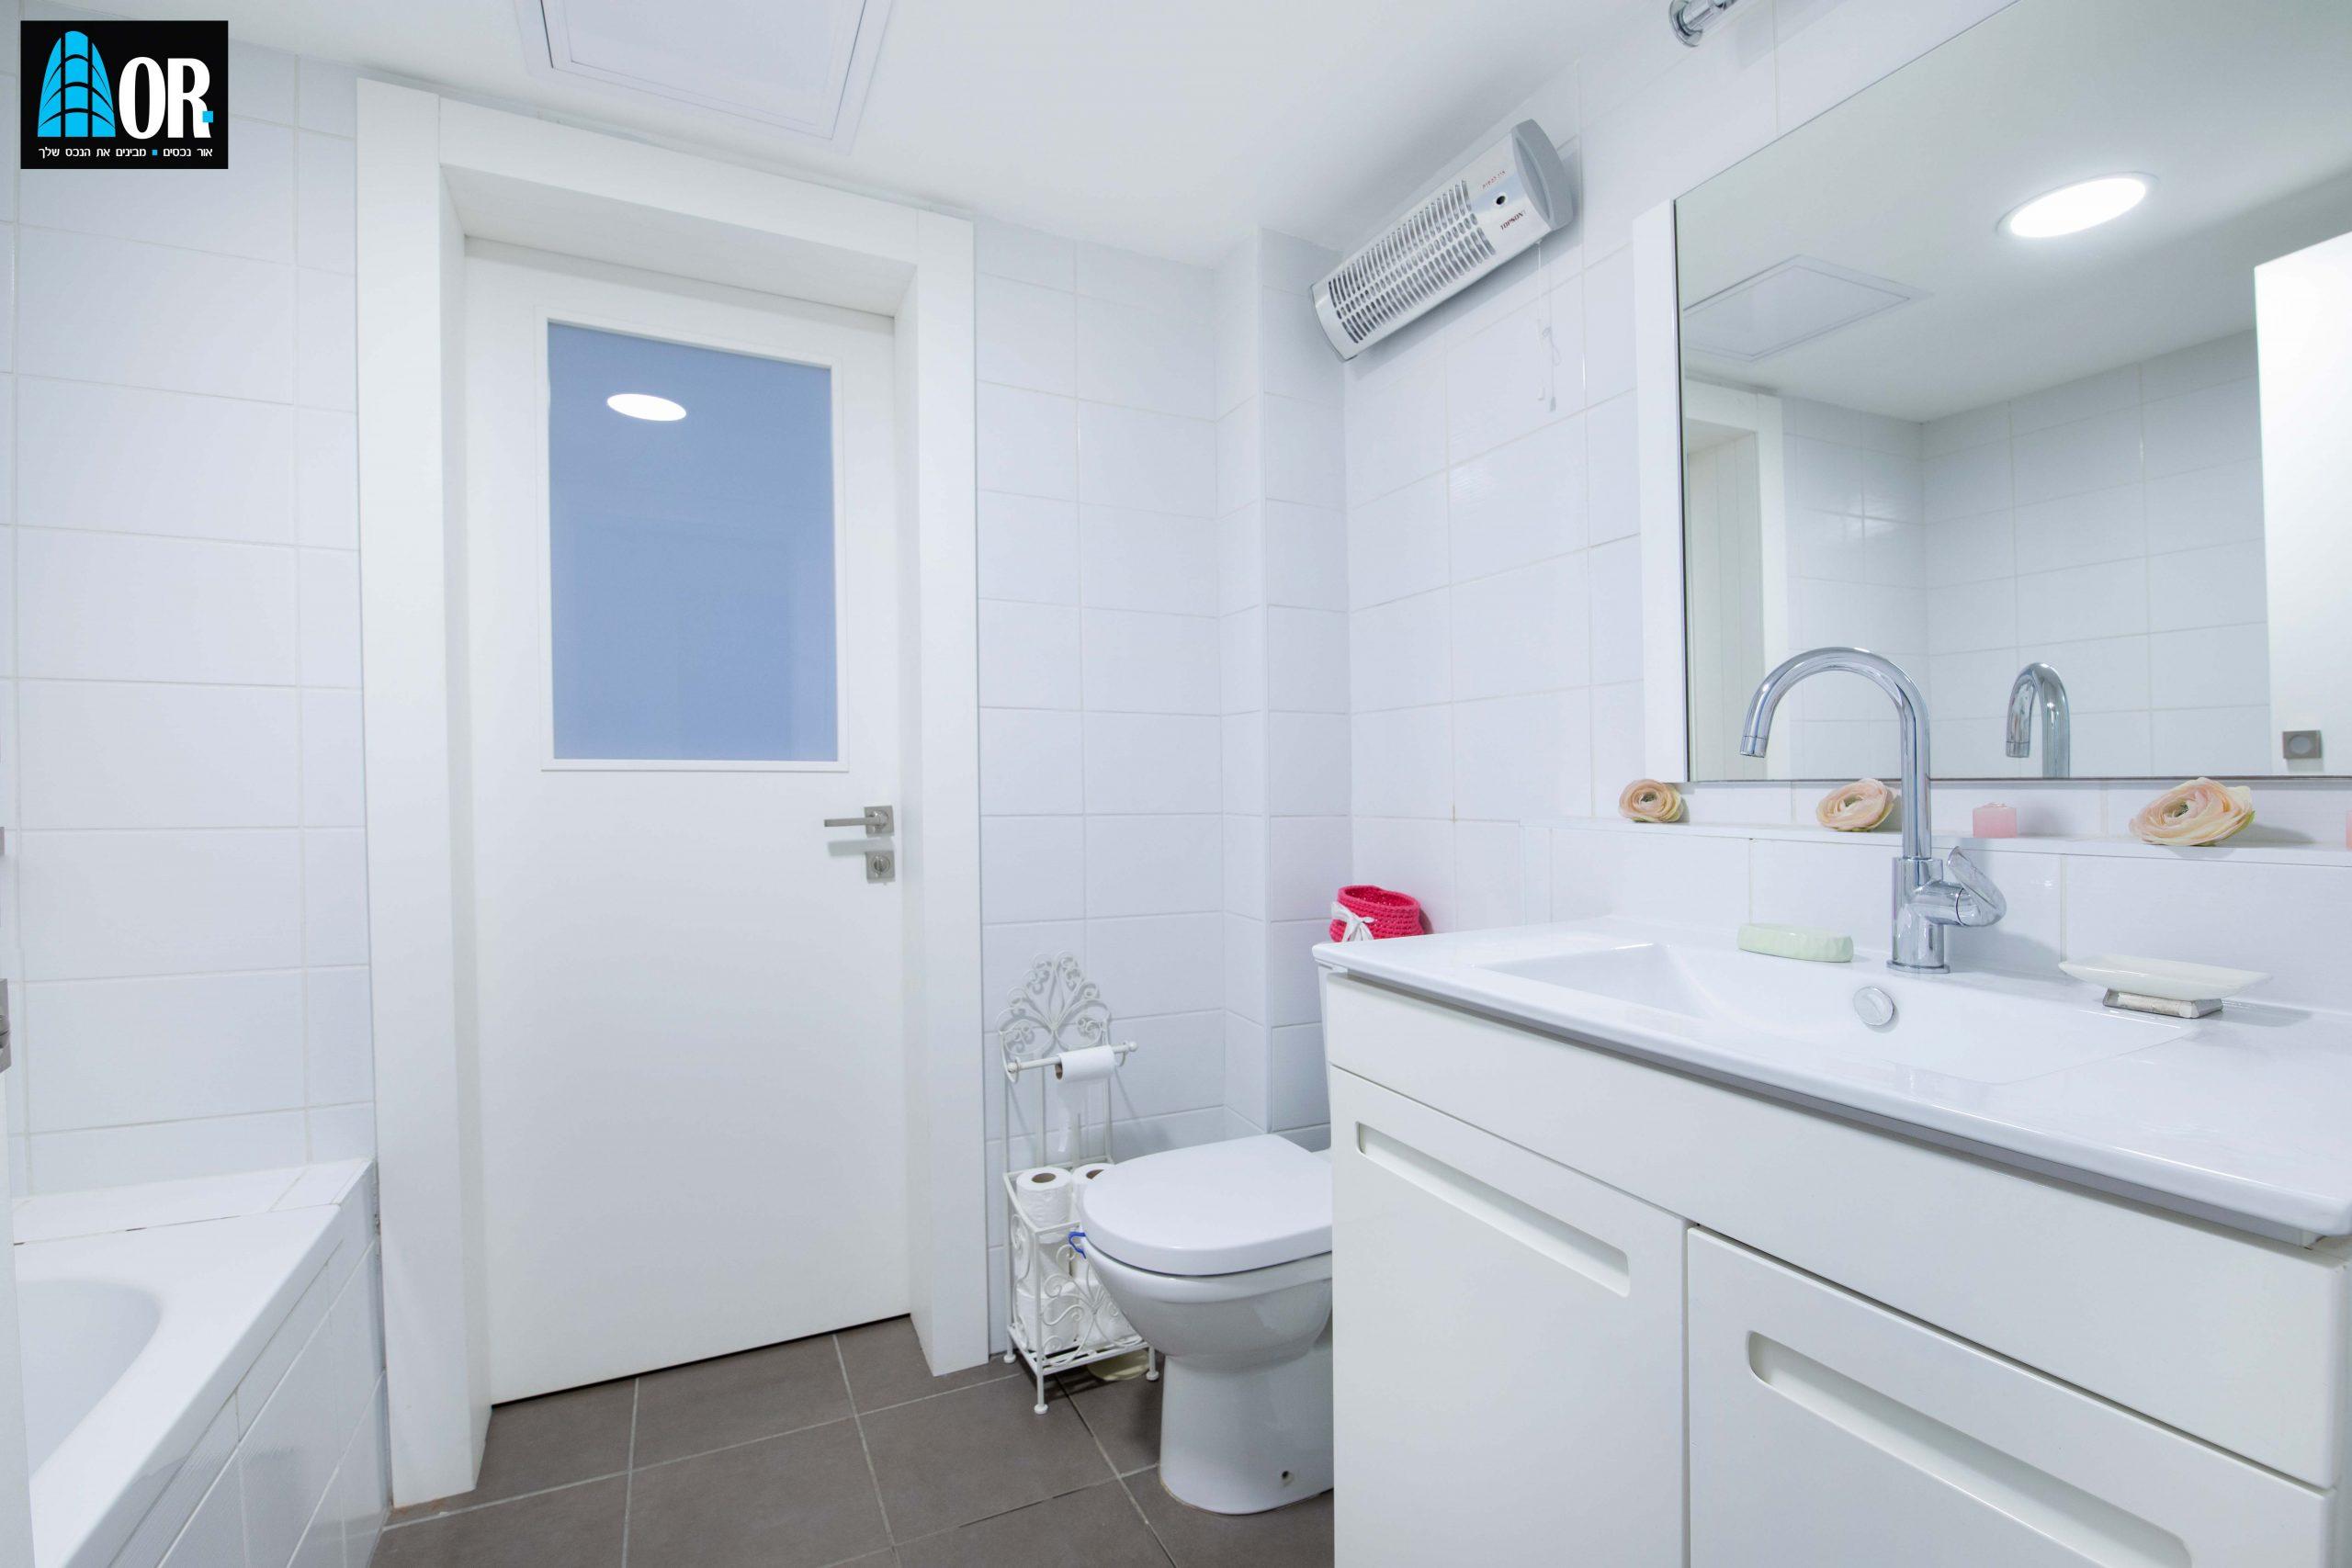 חדר רחצה דירה 4 חדרים שכונה תלמי מנשה